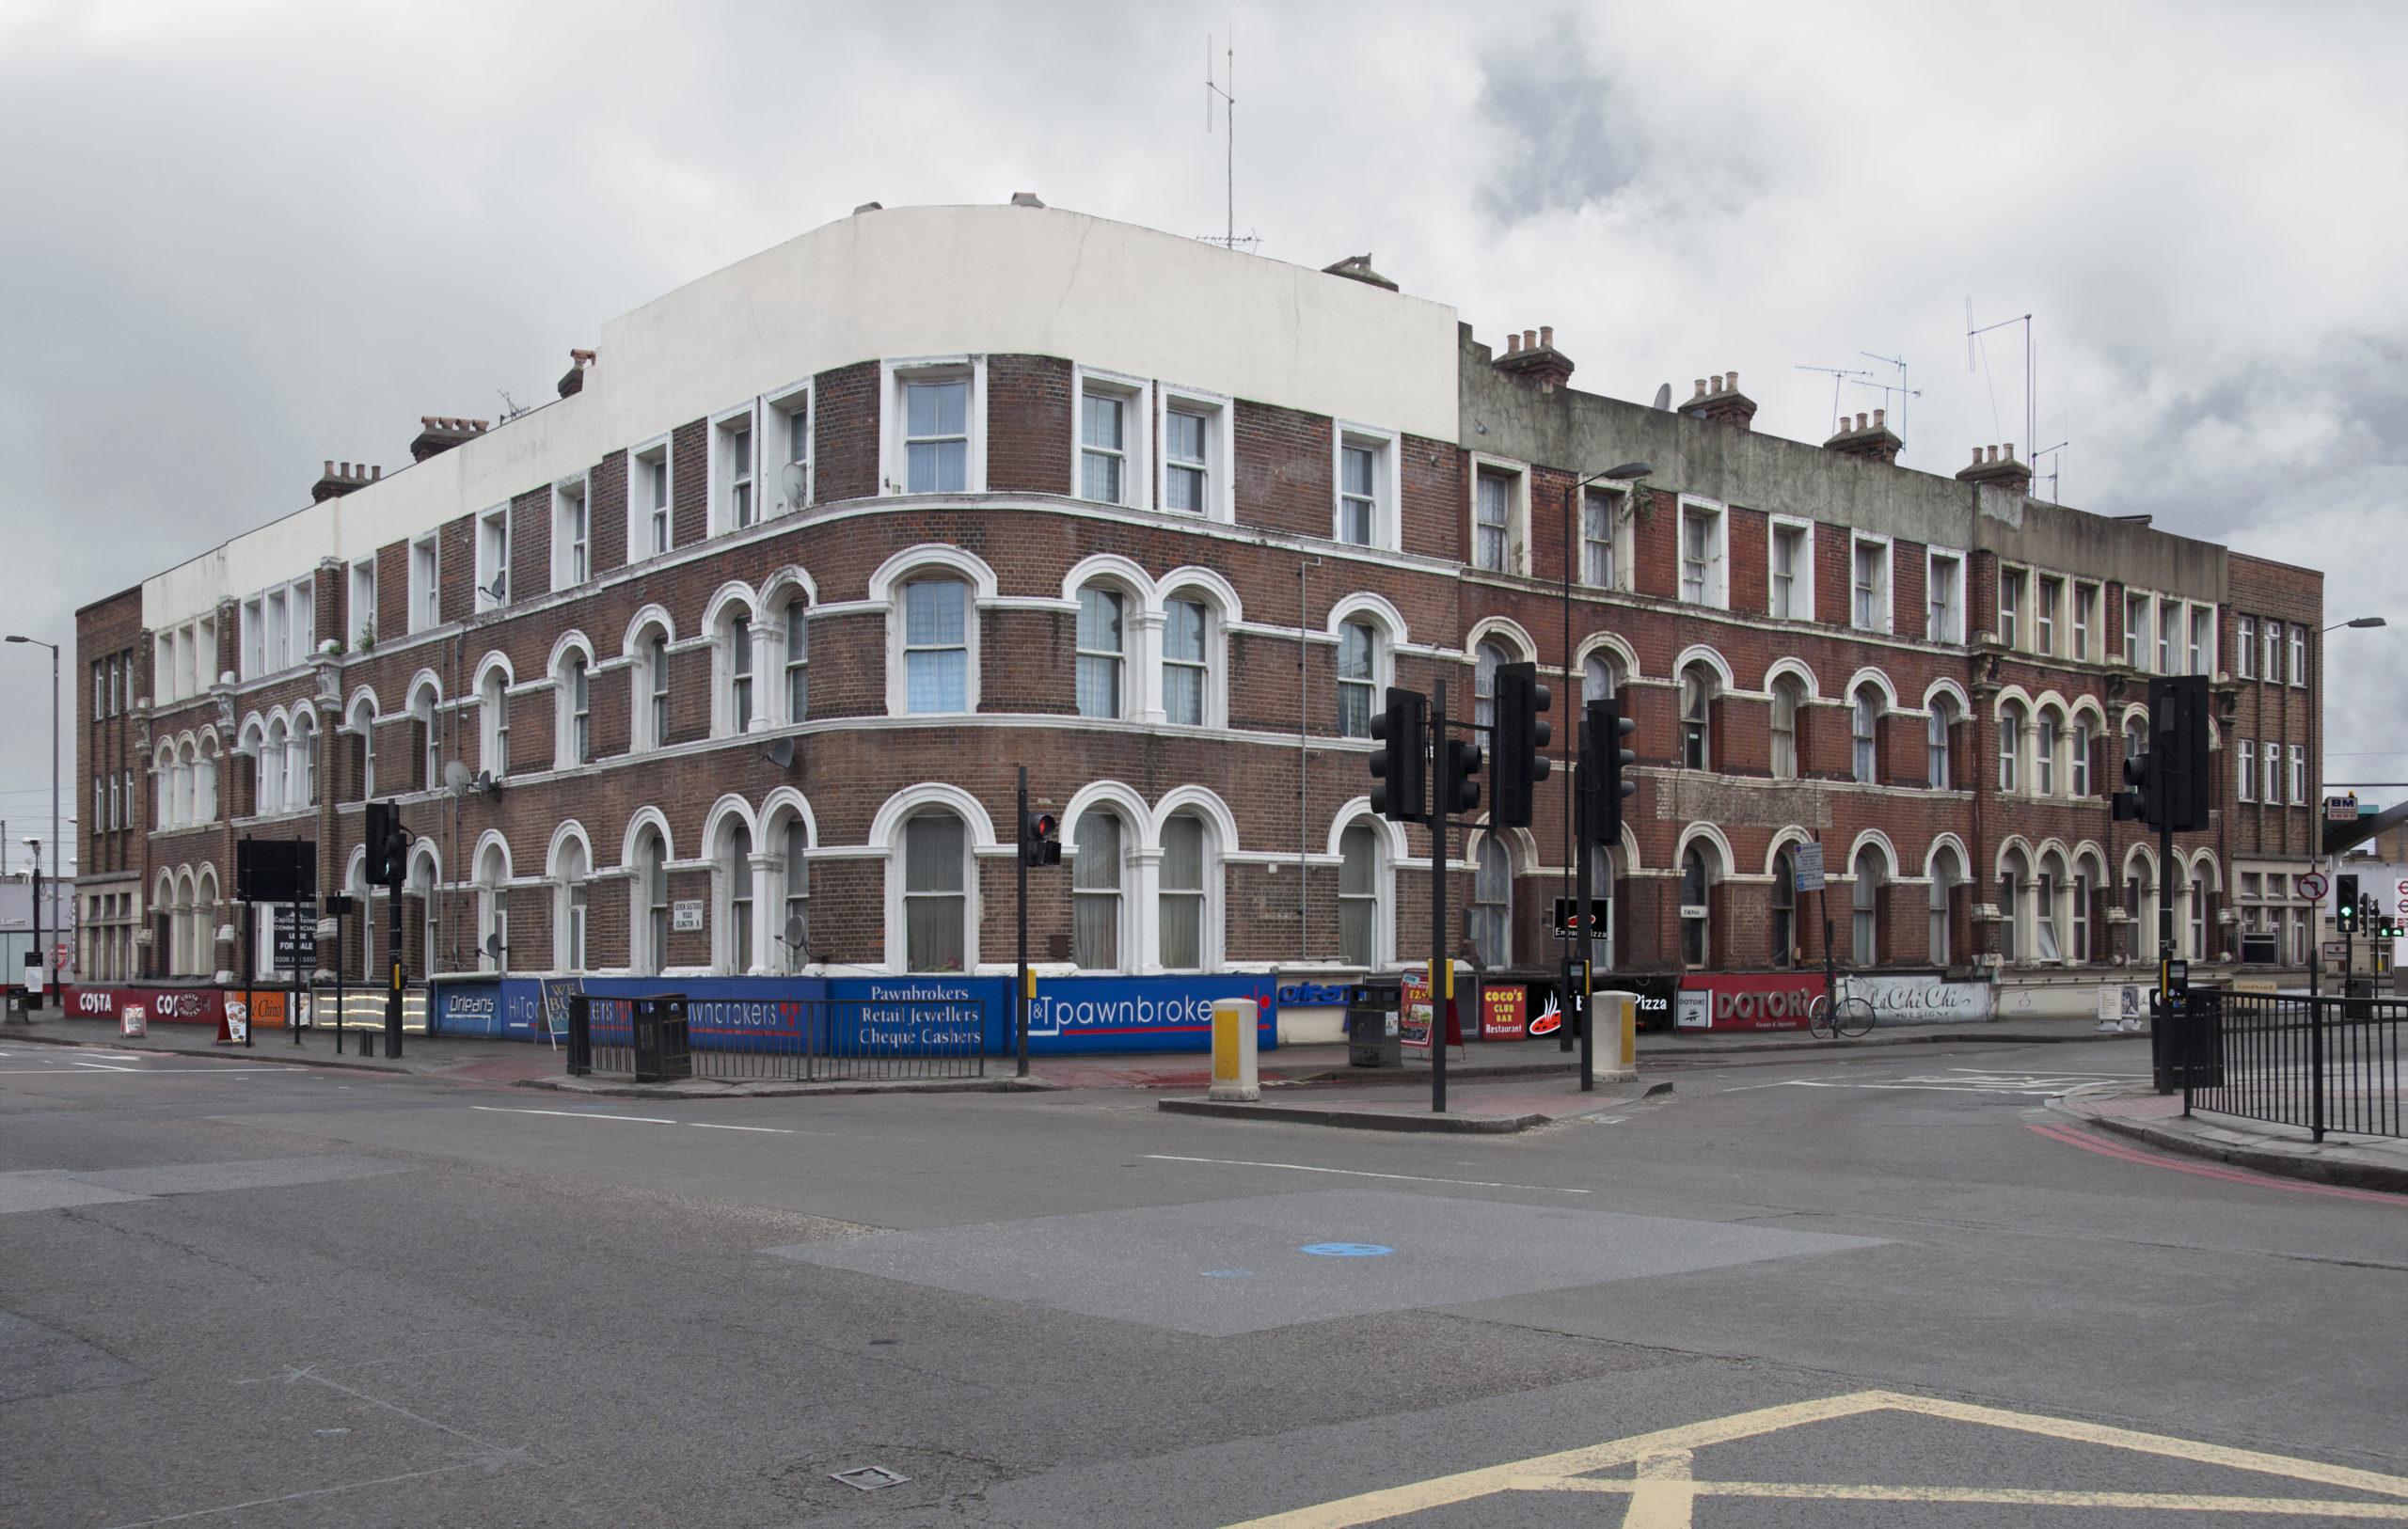 Finsbury 3, Blackstock Road, London